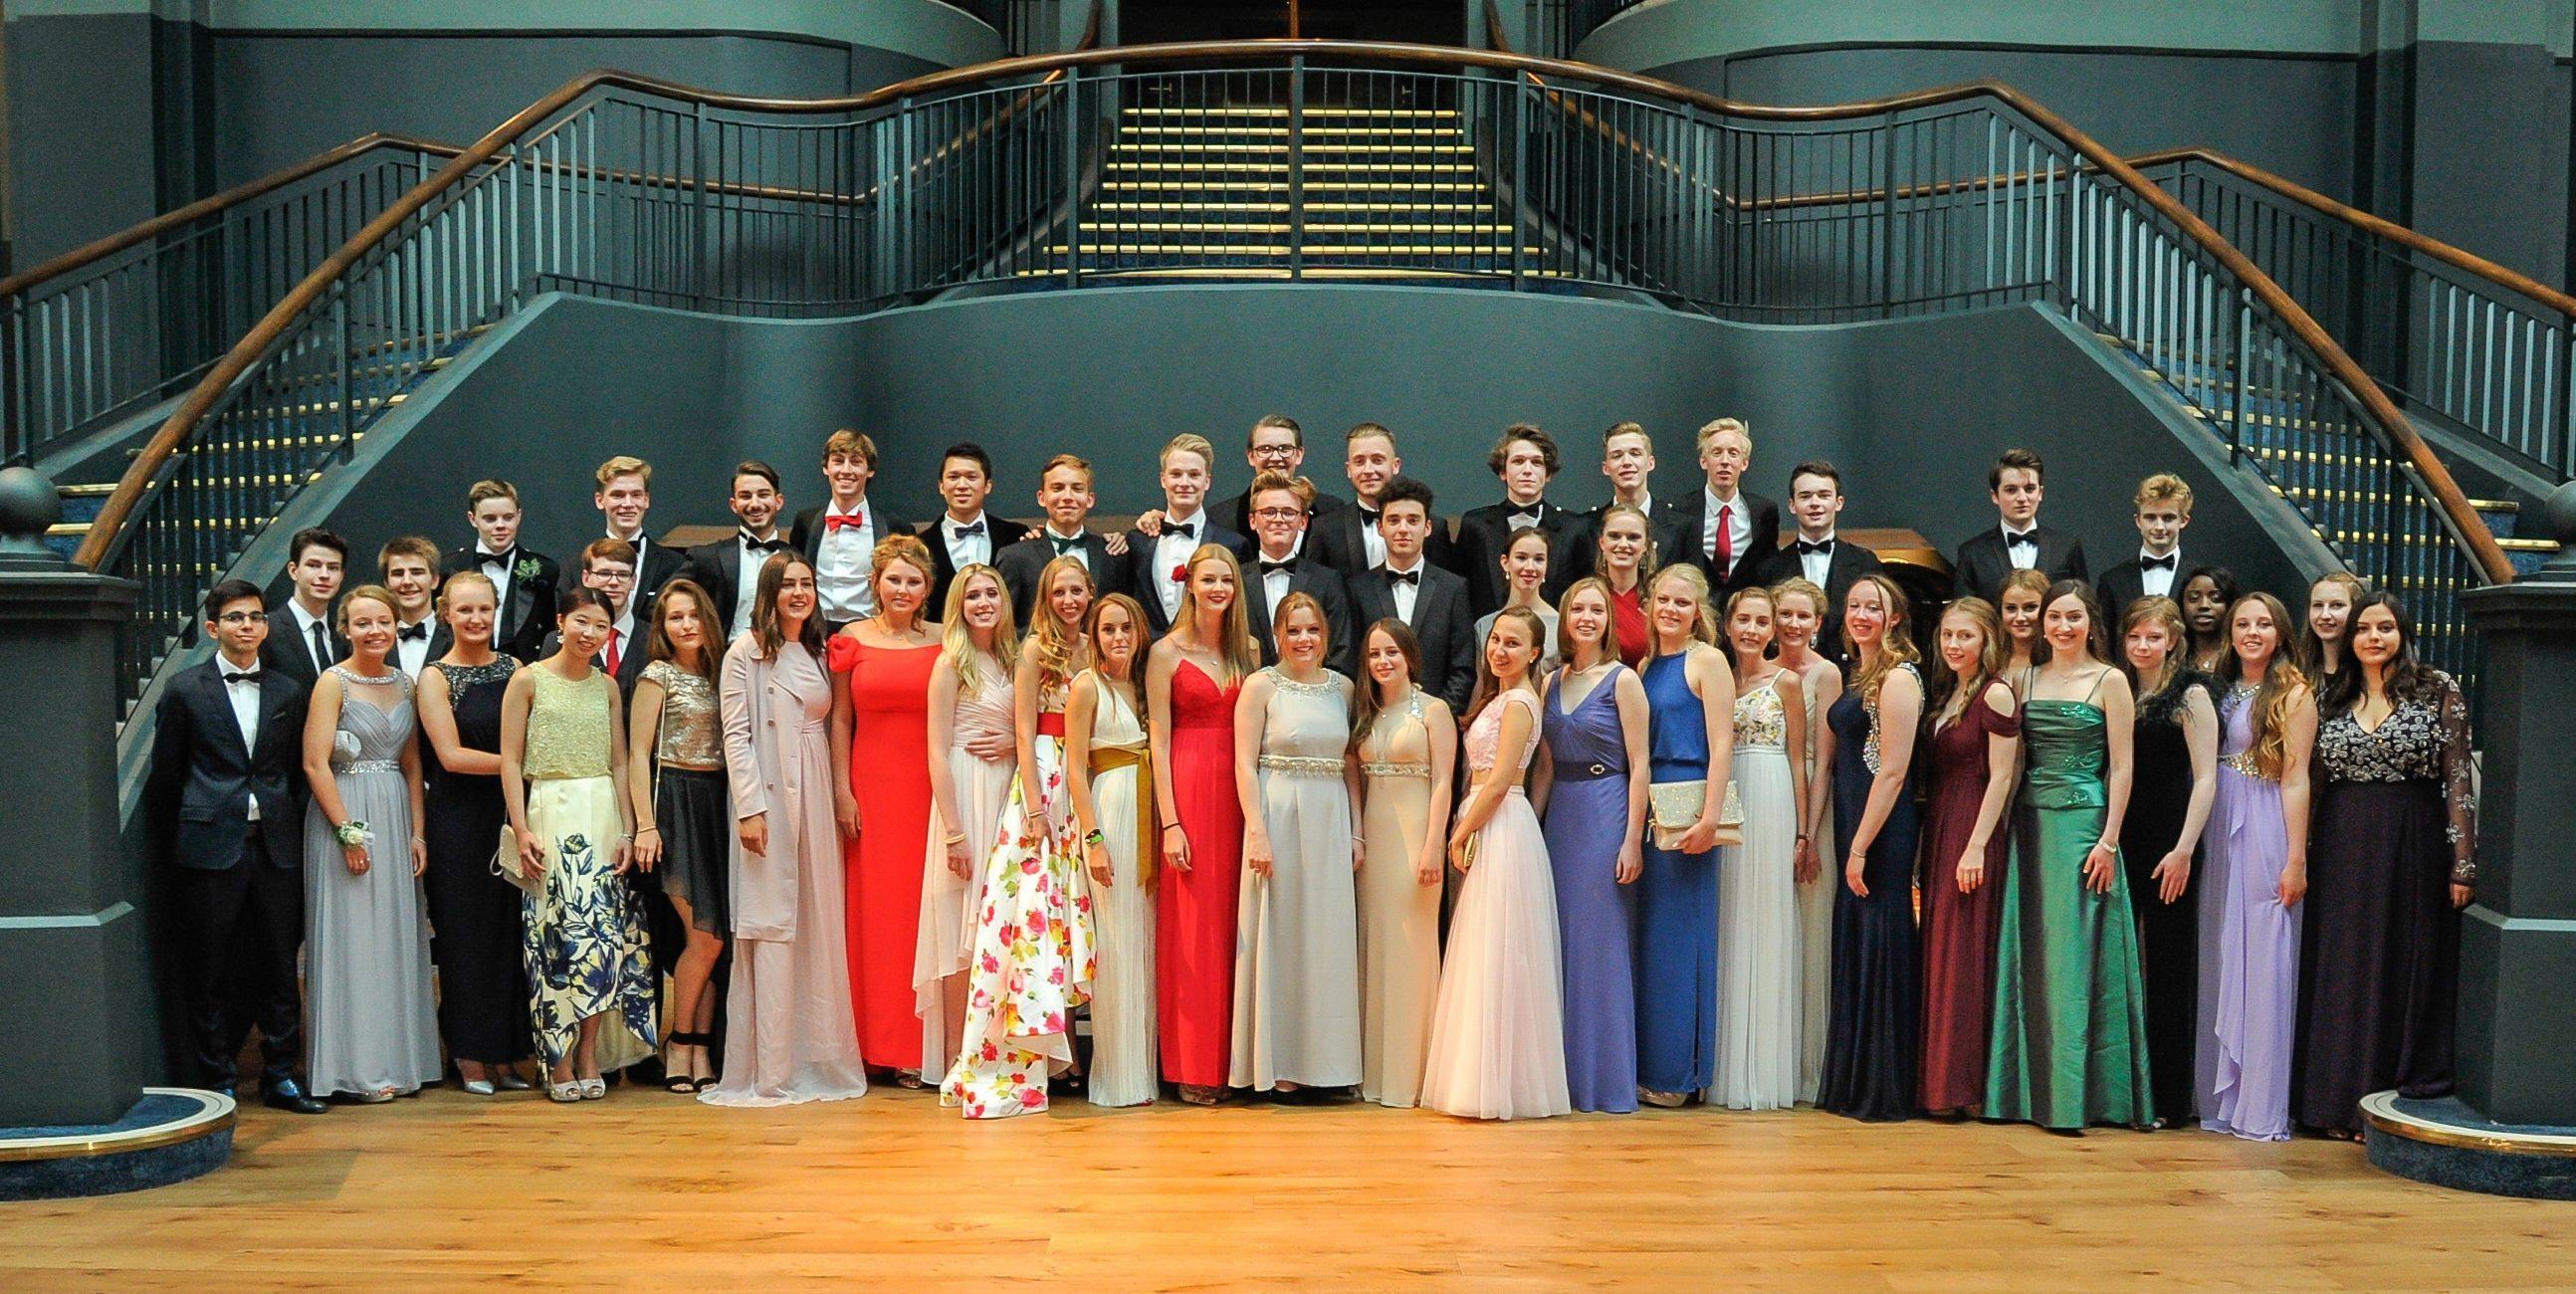 St Leonards School leavers' prom